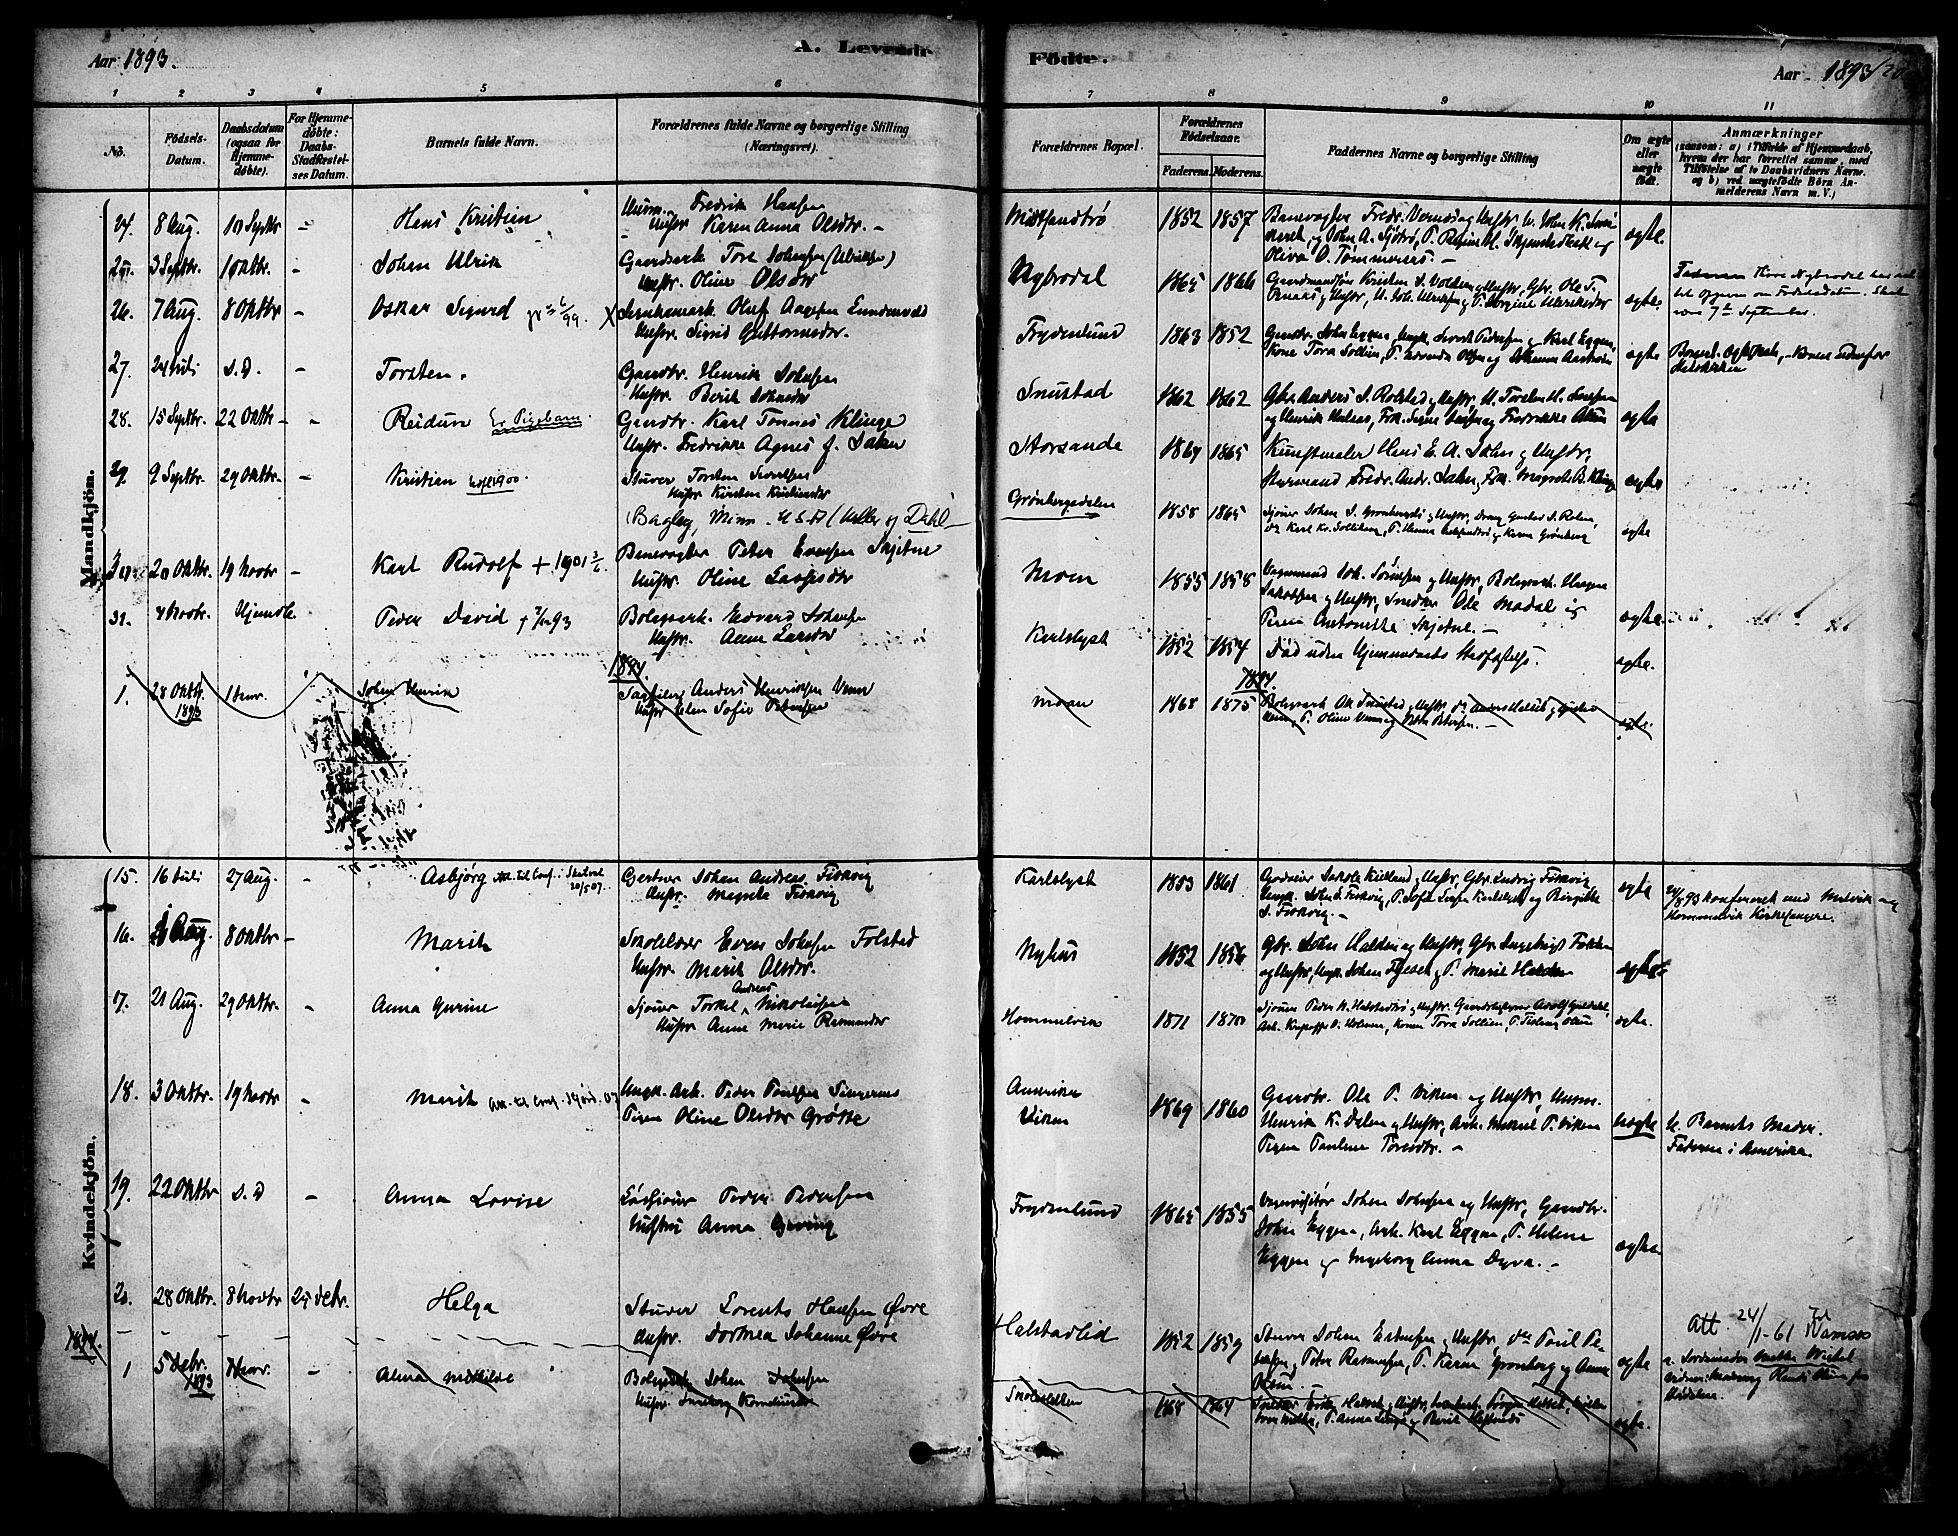 SAT, Ministerialprotokoller, klokkerbøker og fødselsregistre - Sør-Trøndelag, 616/L0410: Ministerialbok nr. 616A07, 1878-1893, s. 120